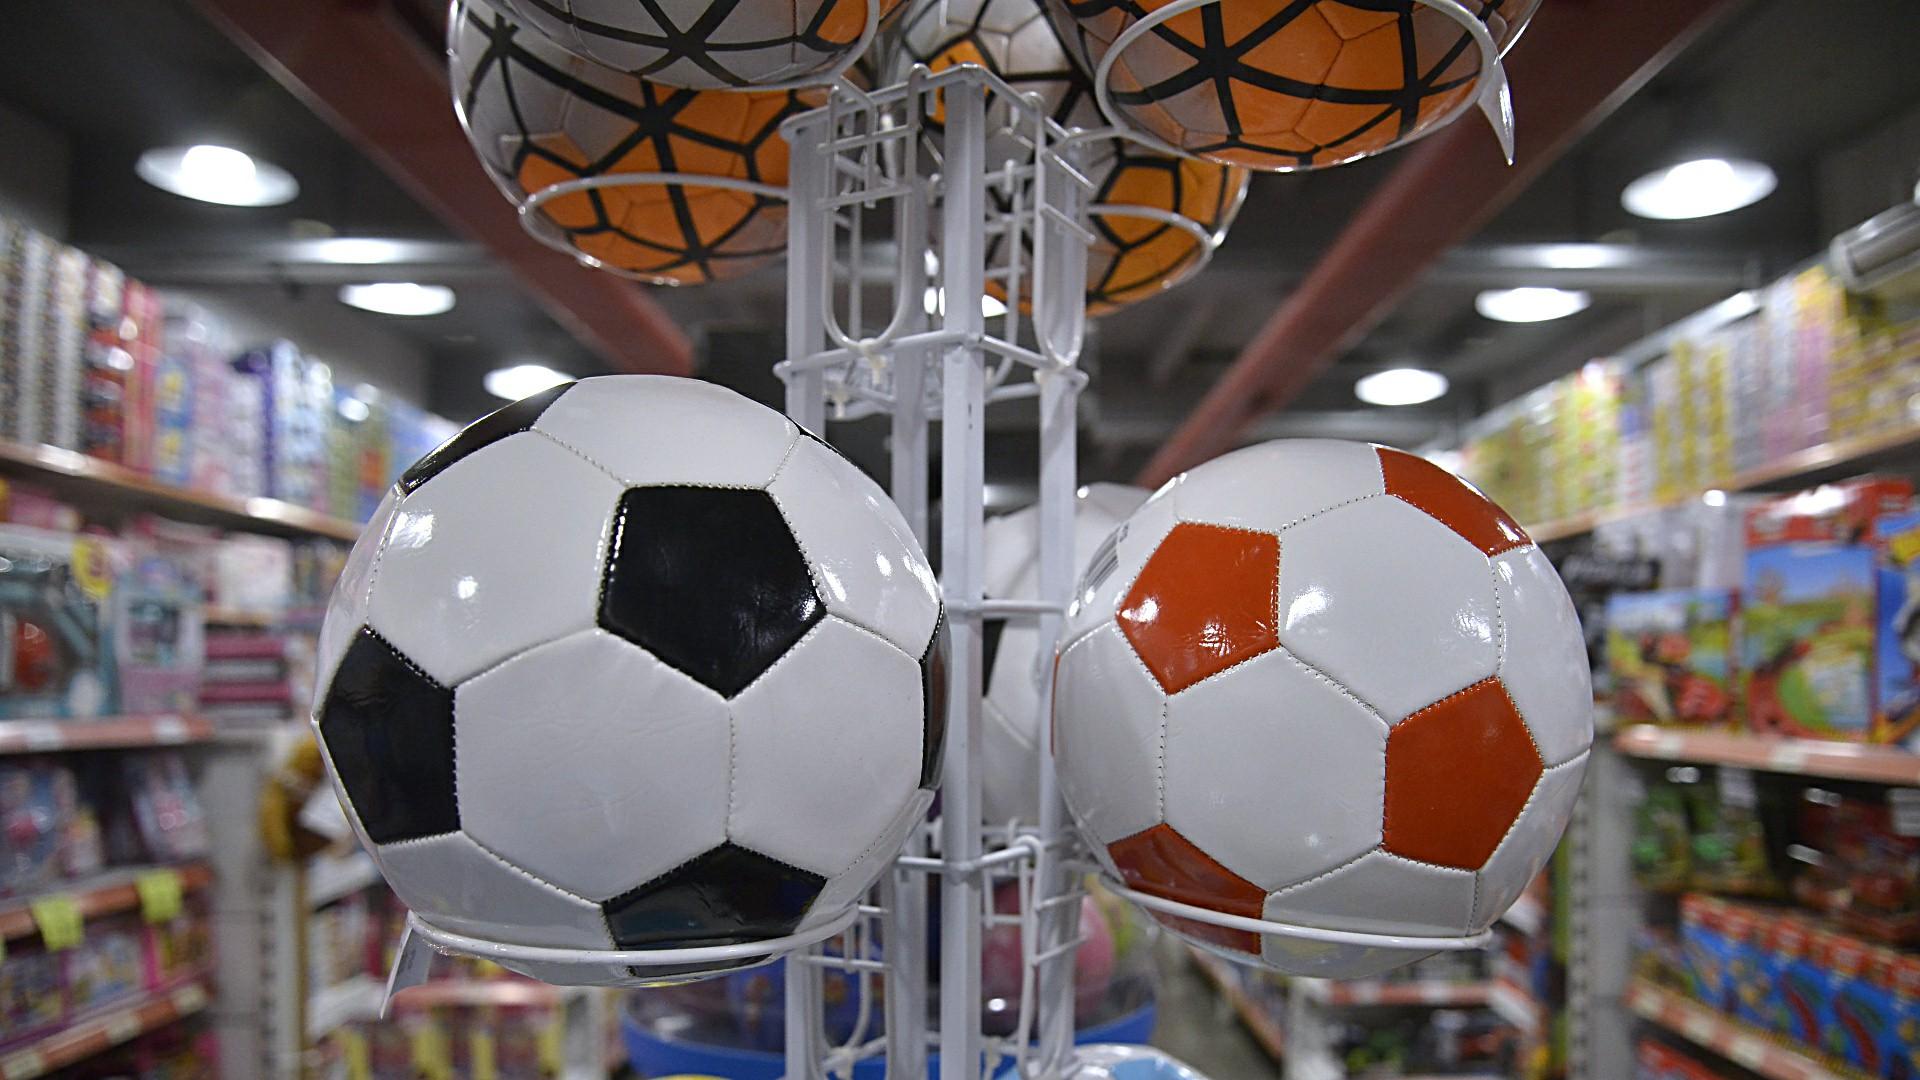 Los siempre presentes balones de fútbol y diversos deportes. Los juguetes favorecen el desarrollo físico de los niños, ya que ayudan en su coordinación y en que puedan desarrollar habilidades motoras